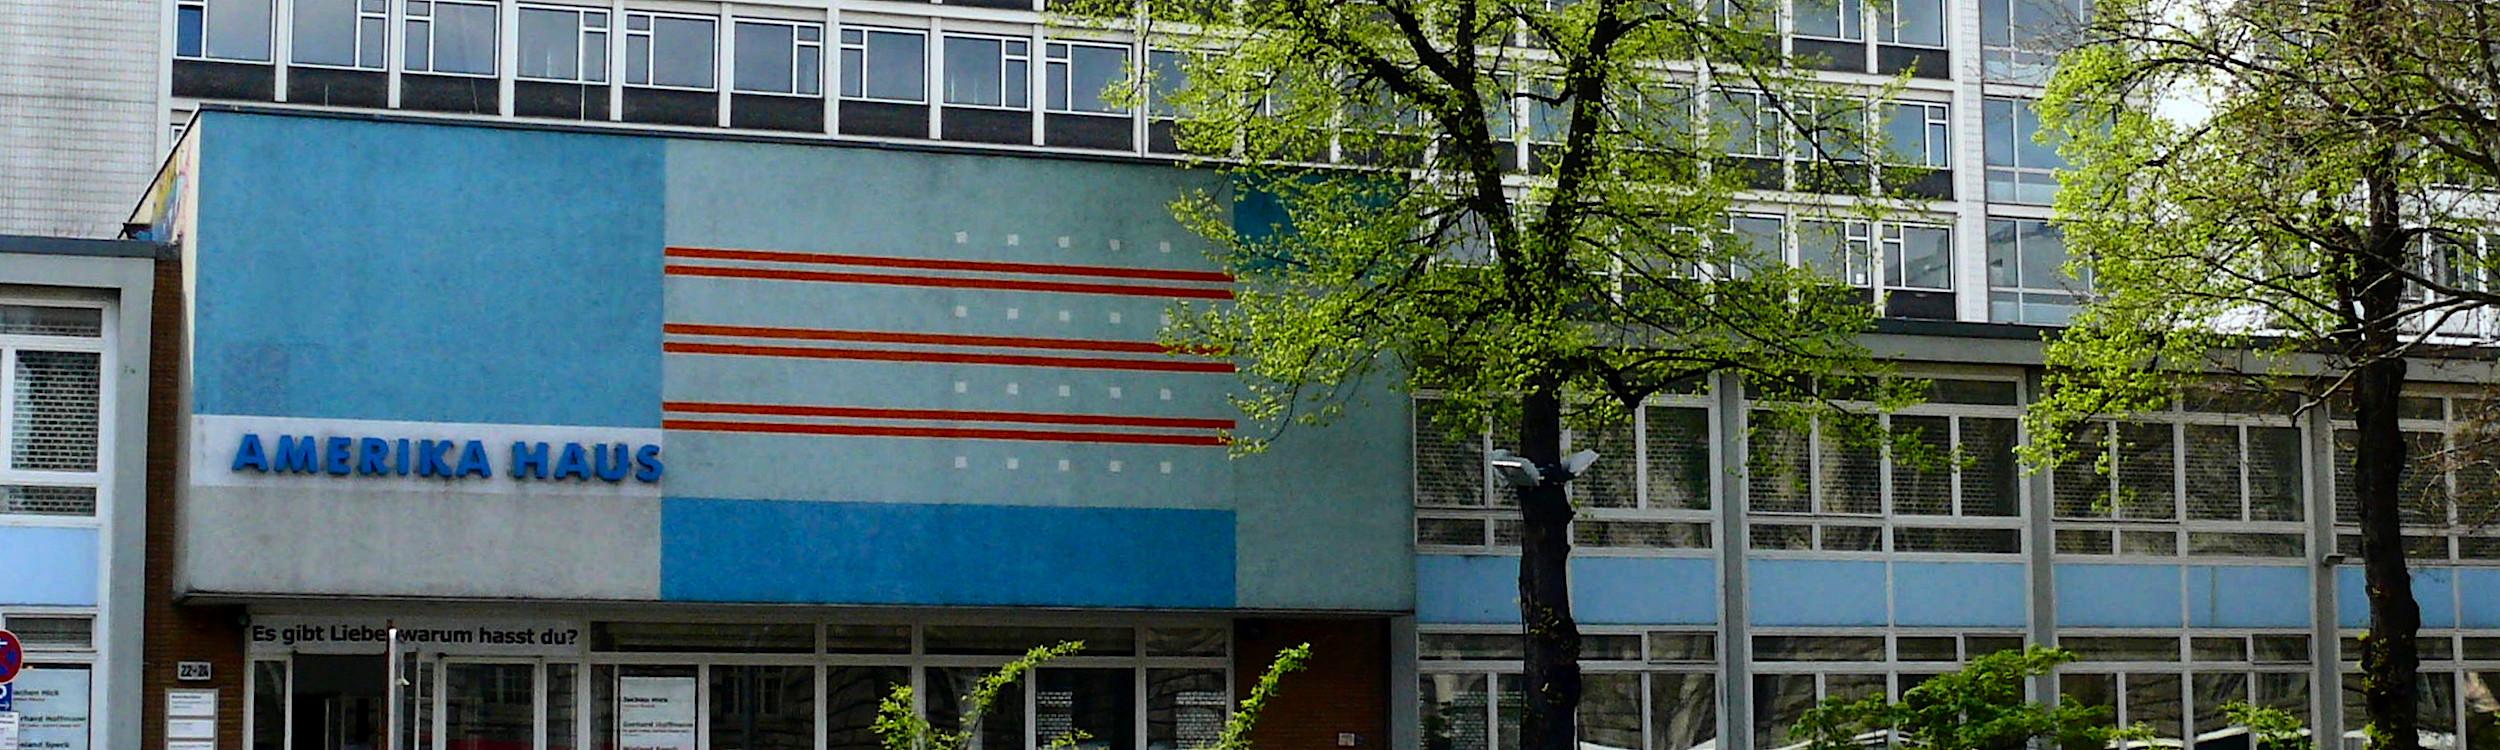 Berlin-Charlottenburg Amerikahaus in der Hardenbergstraße